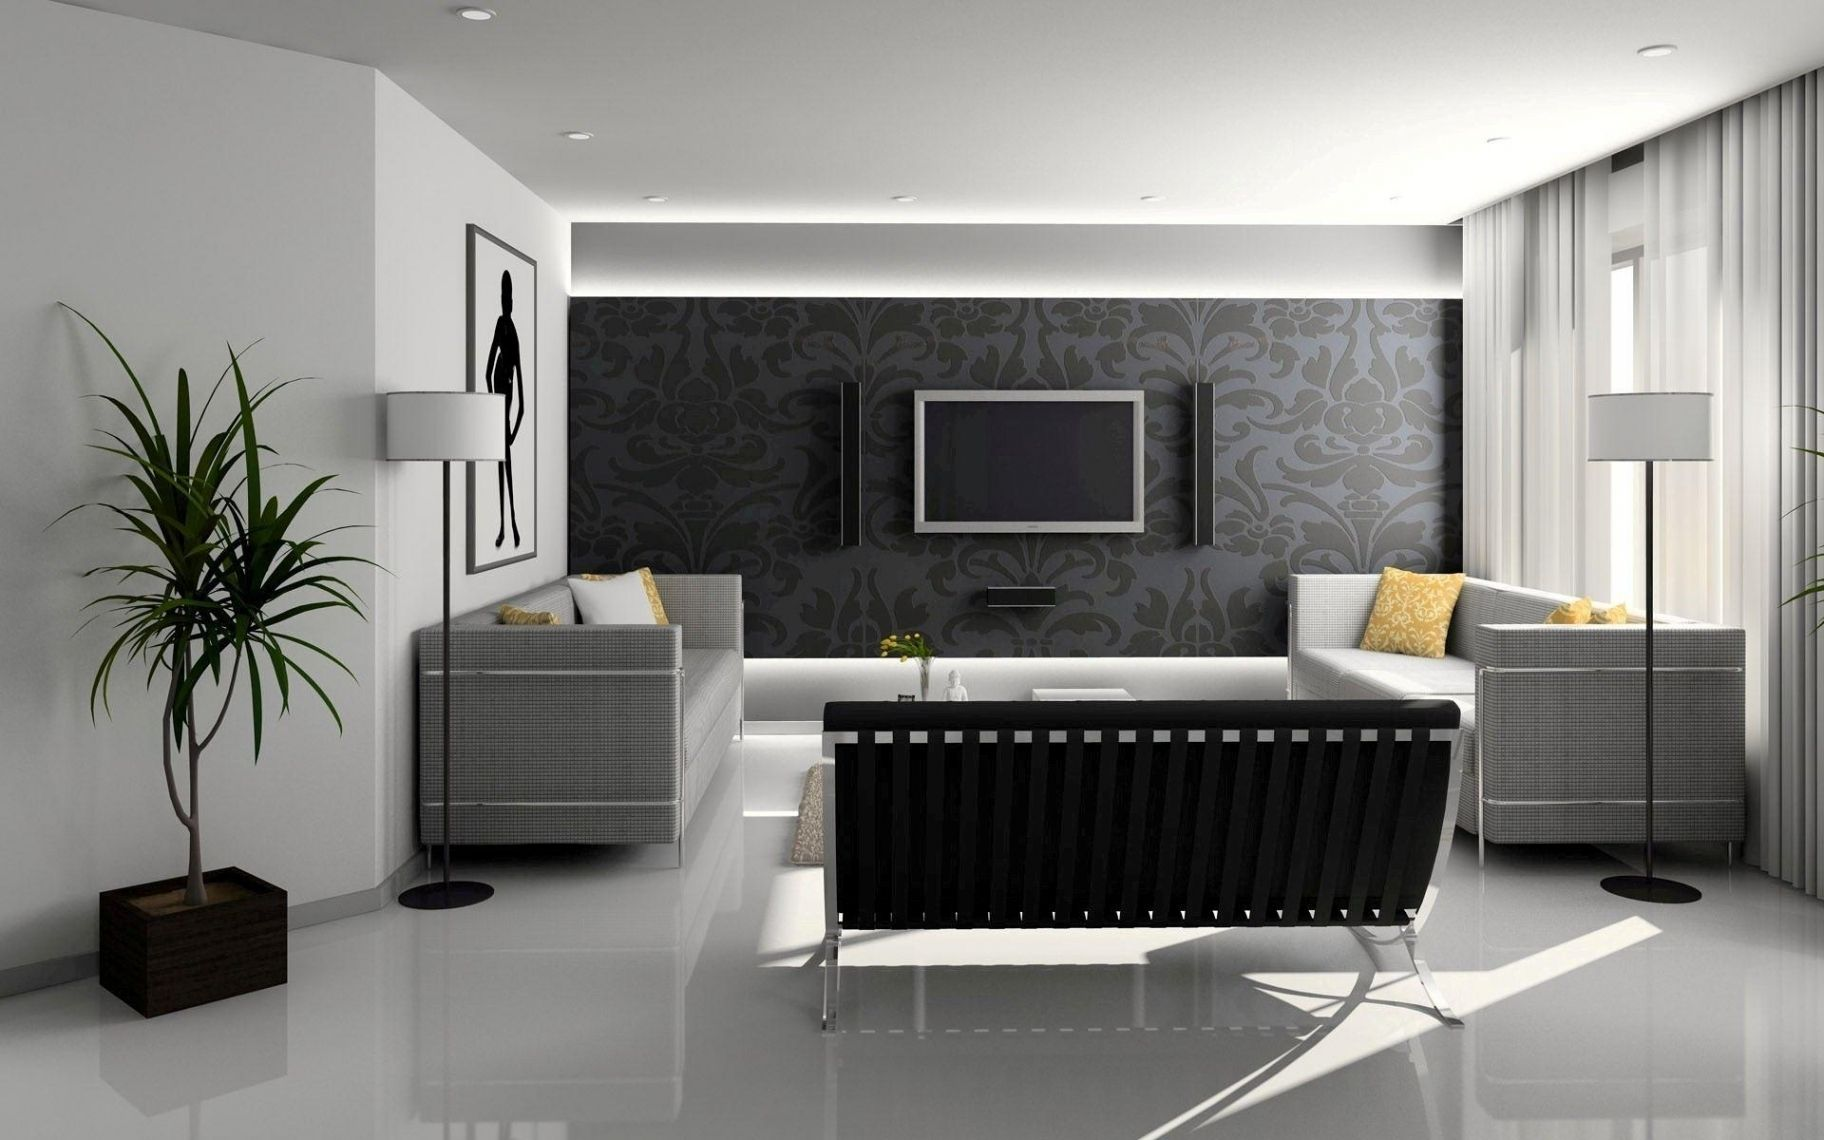 Ausgefallene Wohnzimmer ~ 262 best wohnzimmer ideen images on pinterest living room ideas